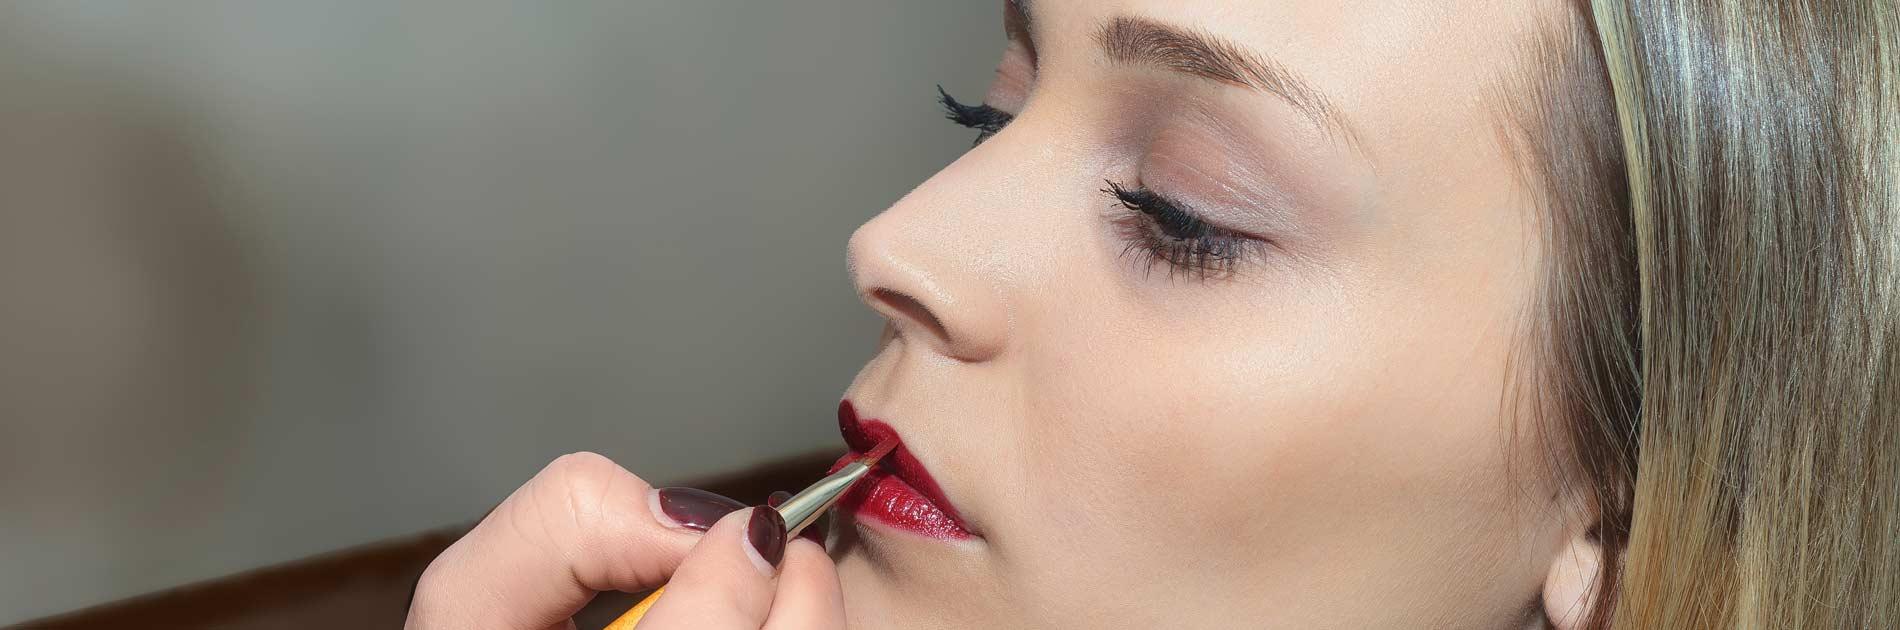 Lippen-Styling im Friseursalon Birgit Gmeiner